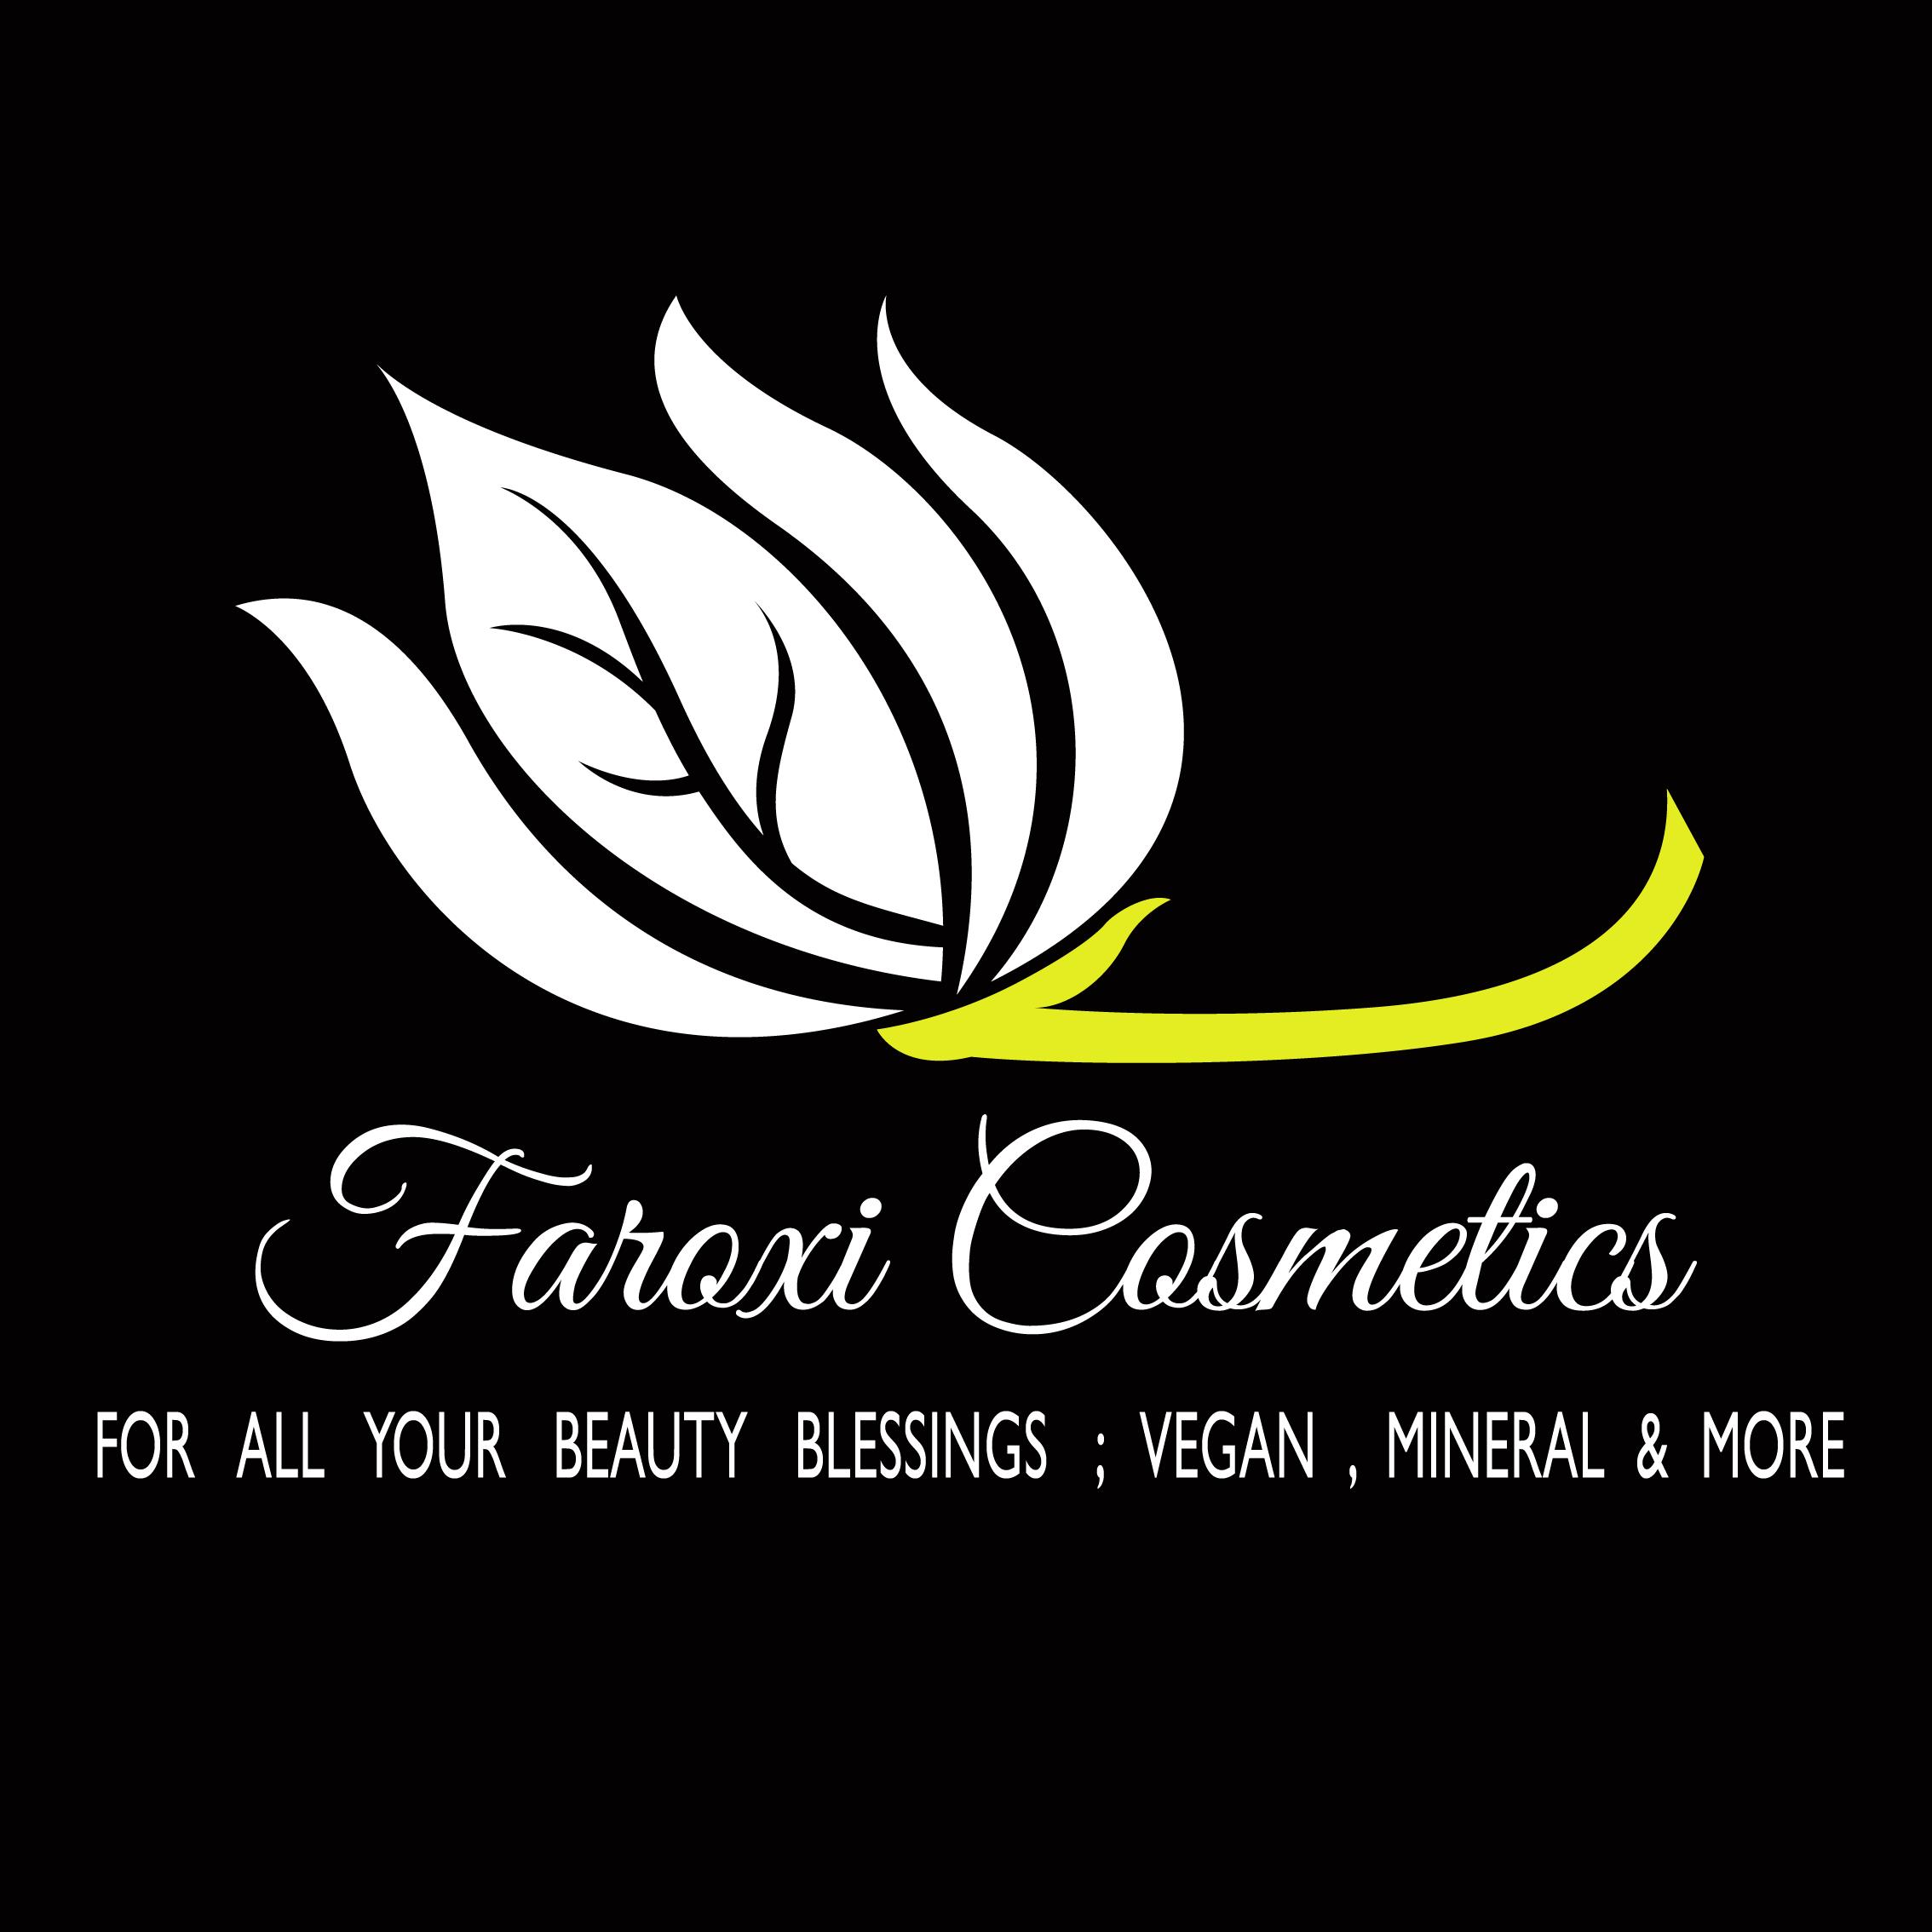 Faroxi Cosmetics & Gifts